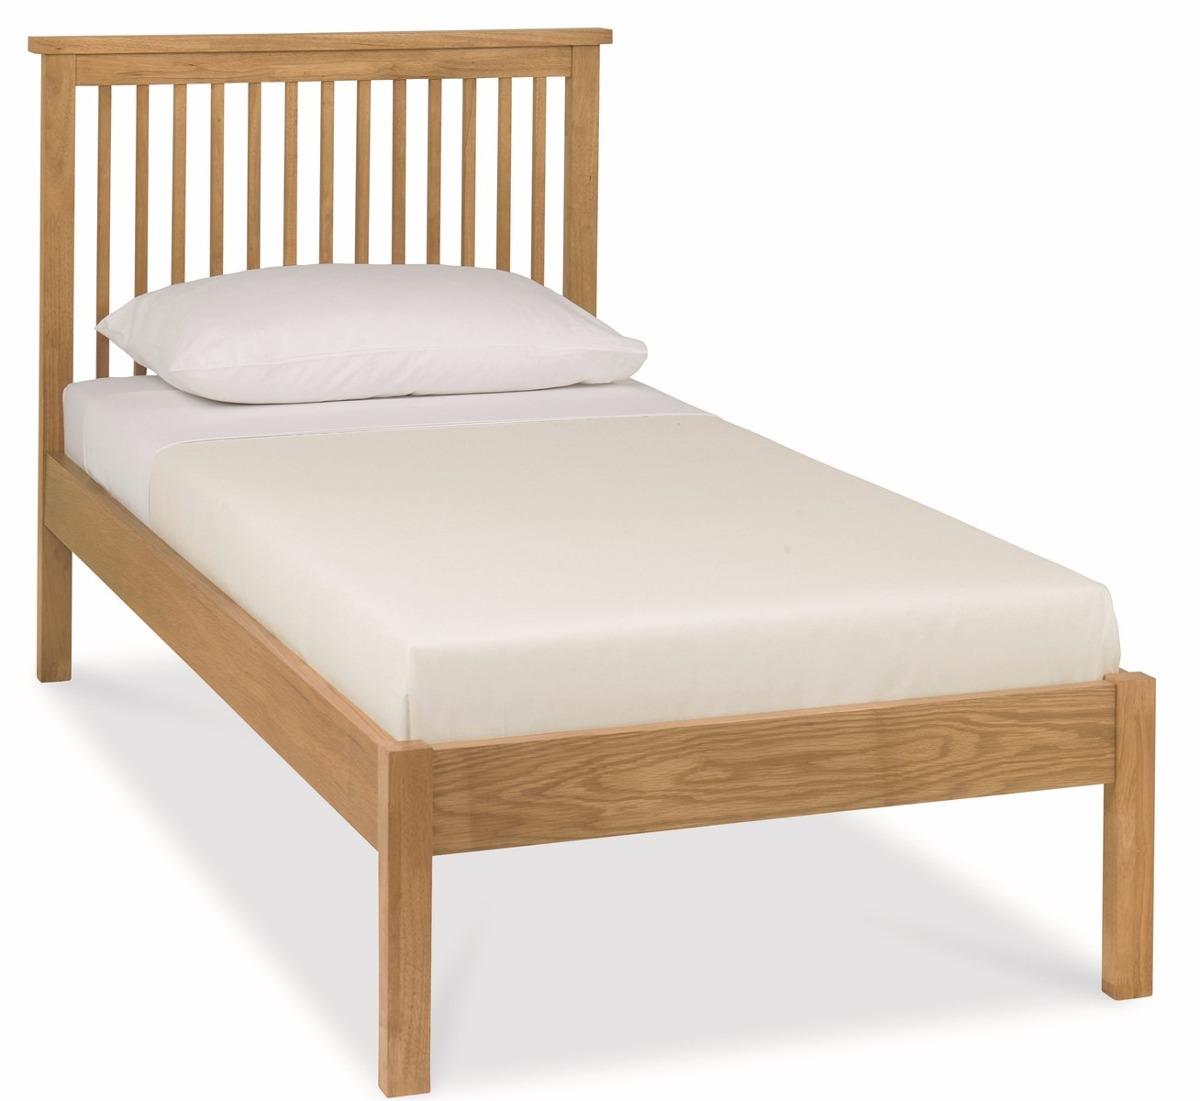 Base cama individual cabecera madera madera viva for Como hacer una base para cama individual